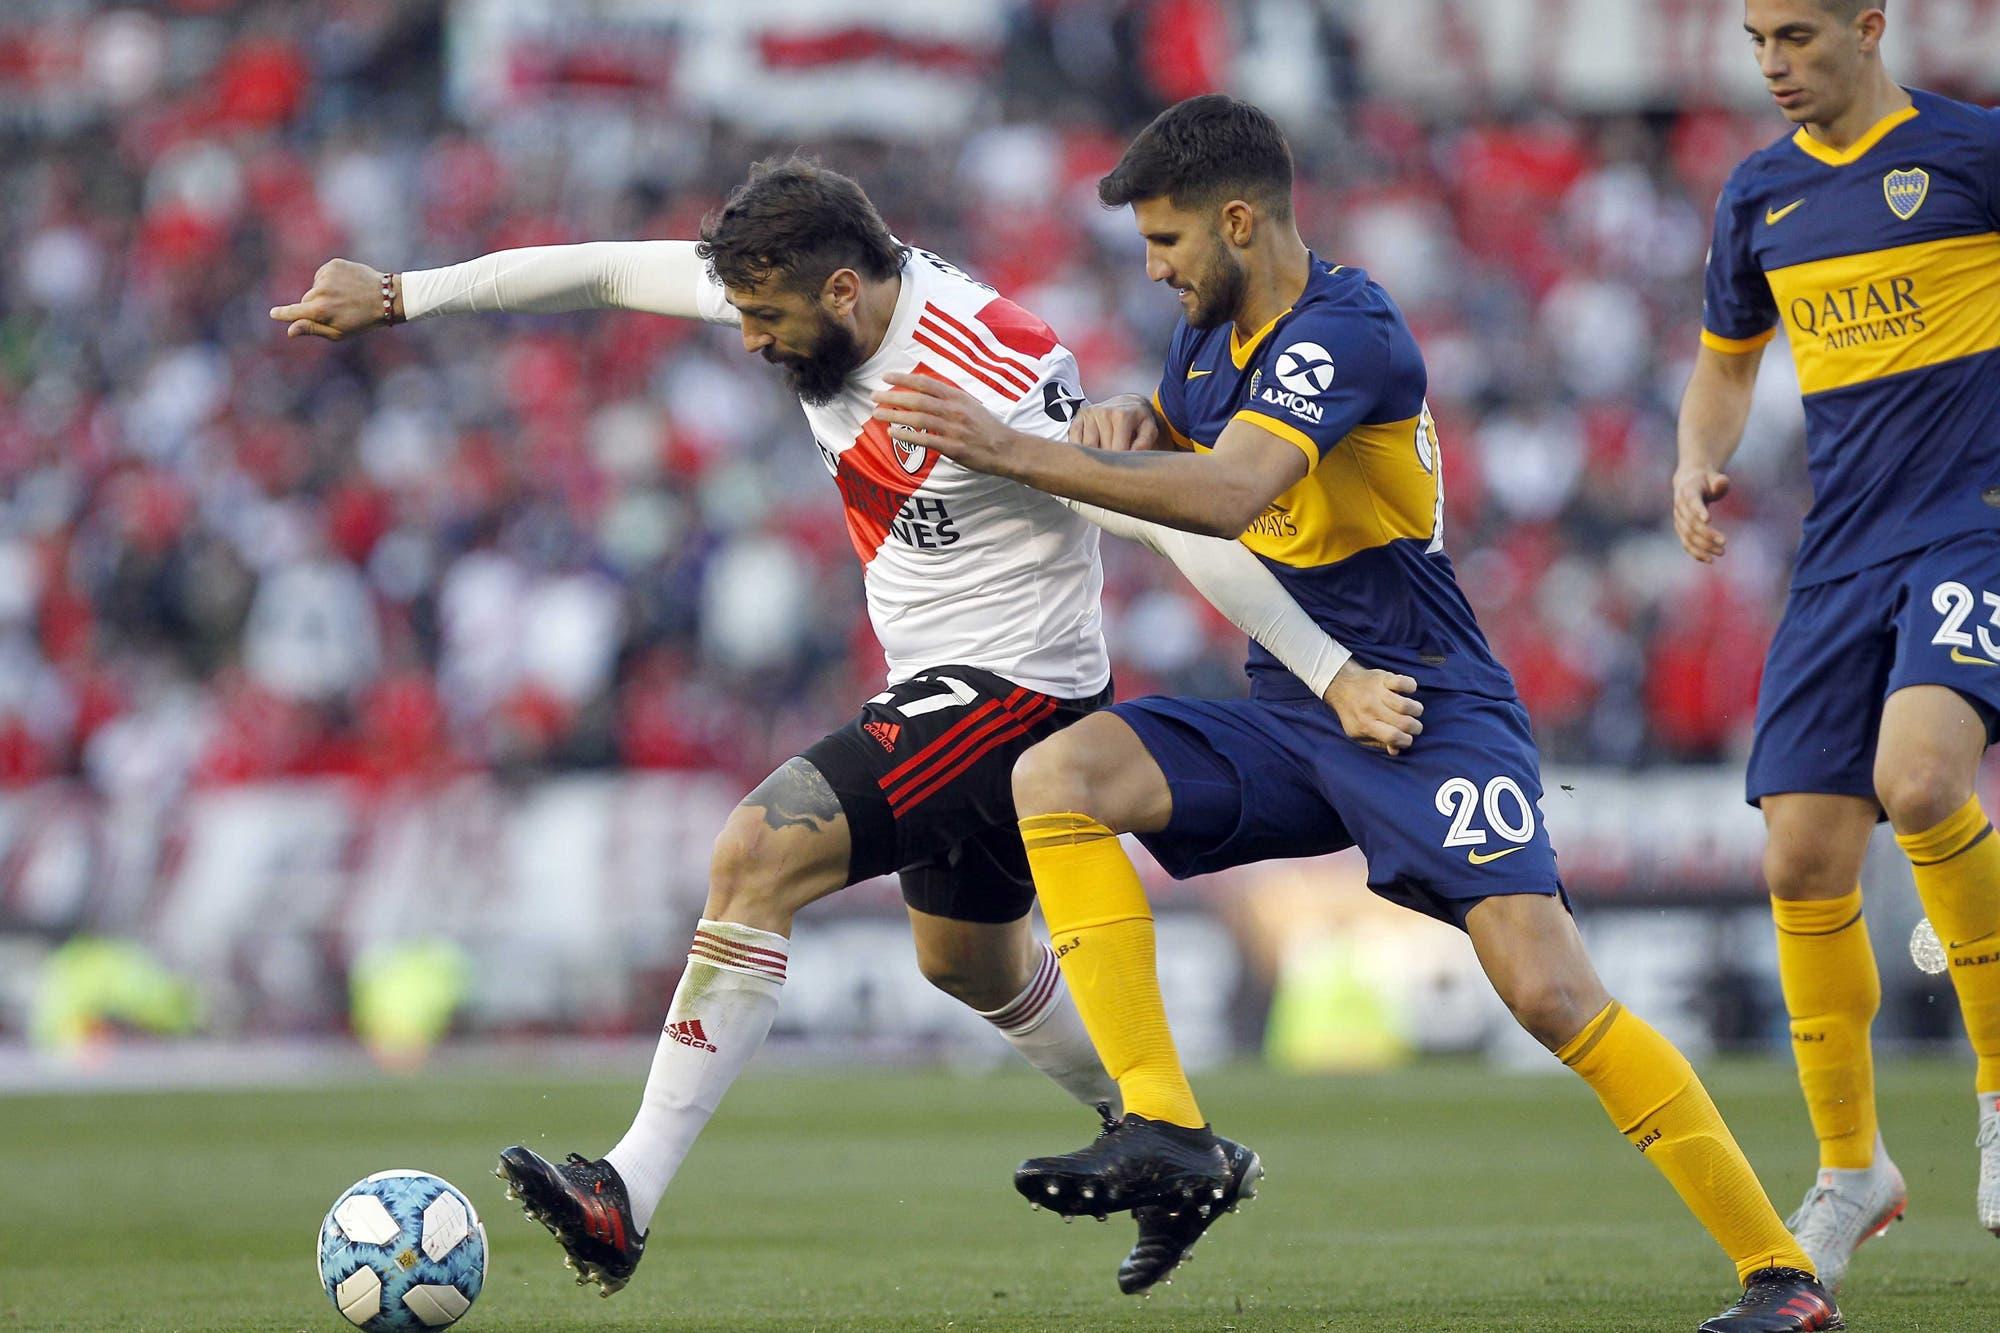 Superliga: Boca y River quieren cambiar su calendario de la penúltima fecha, que pueden ser decisivos